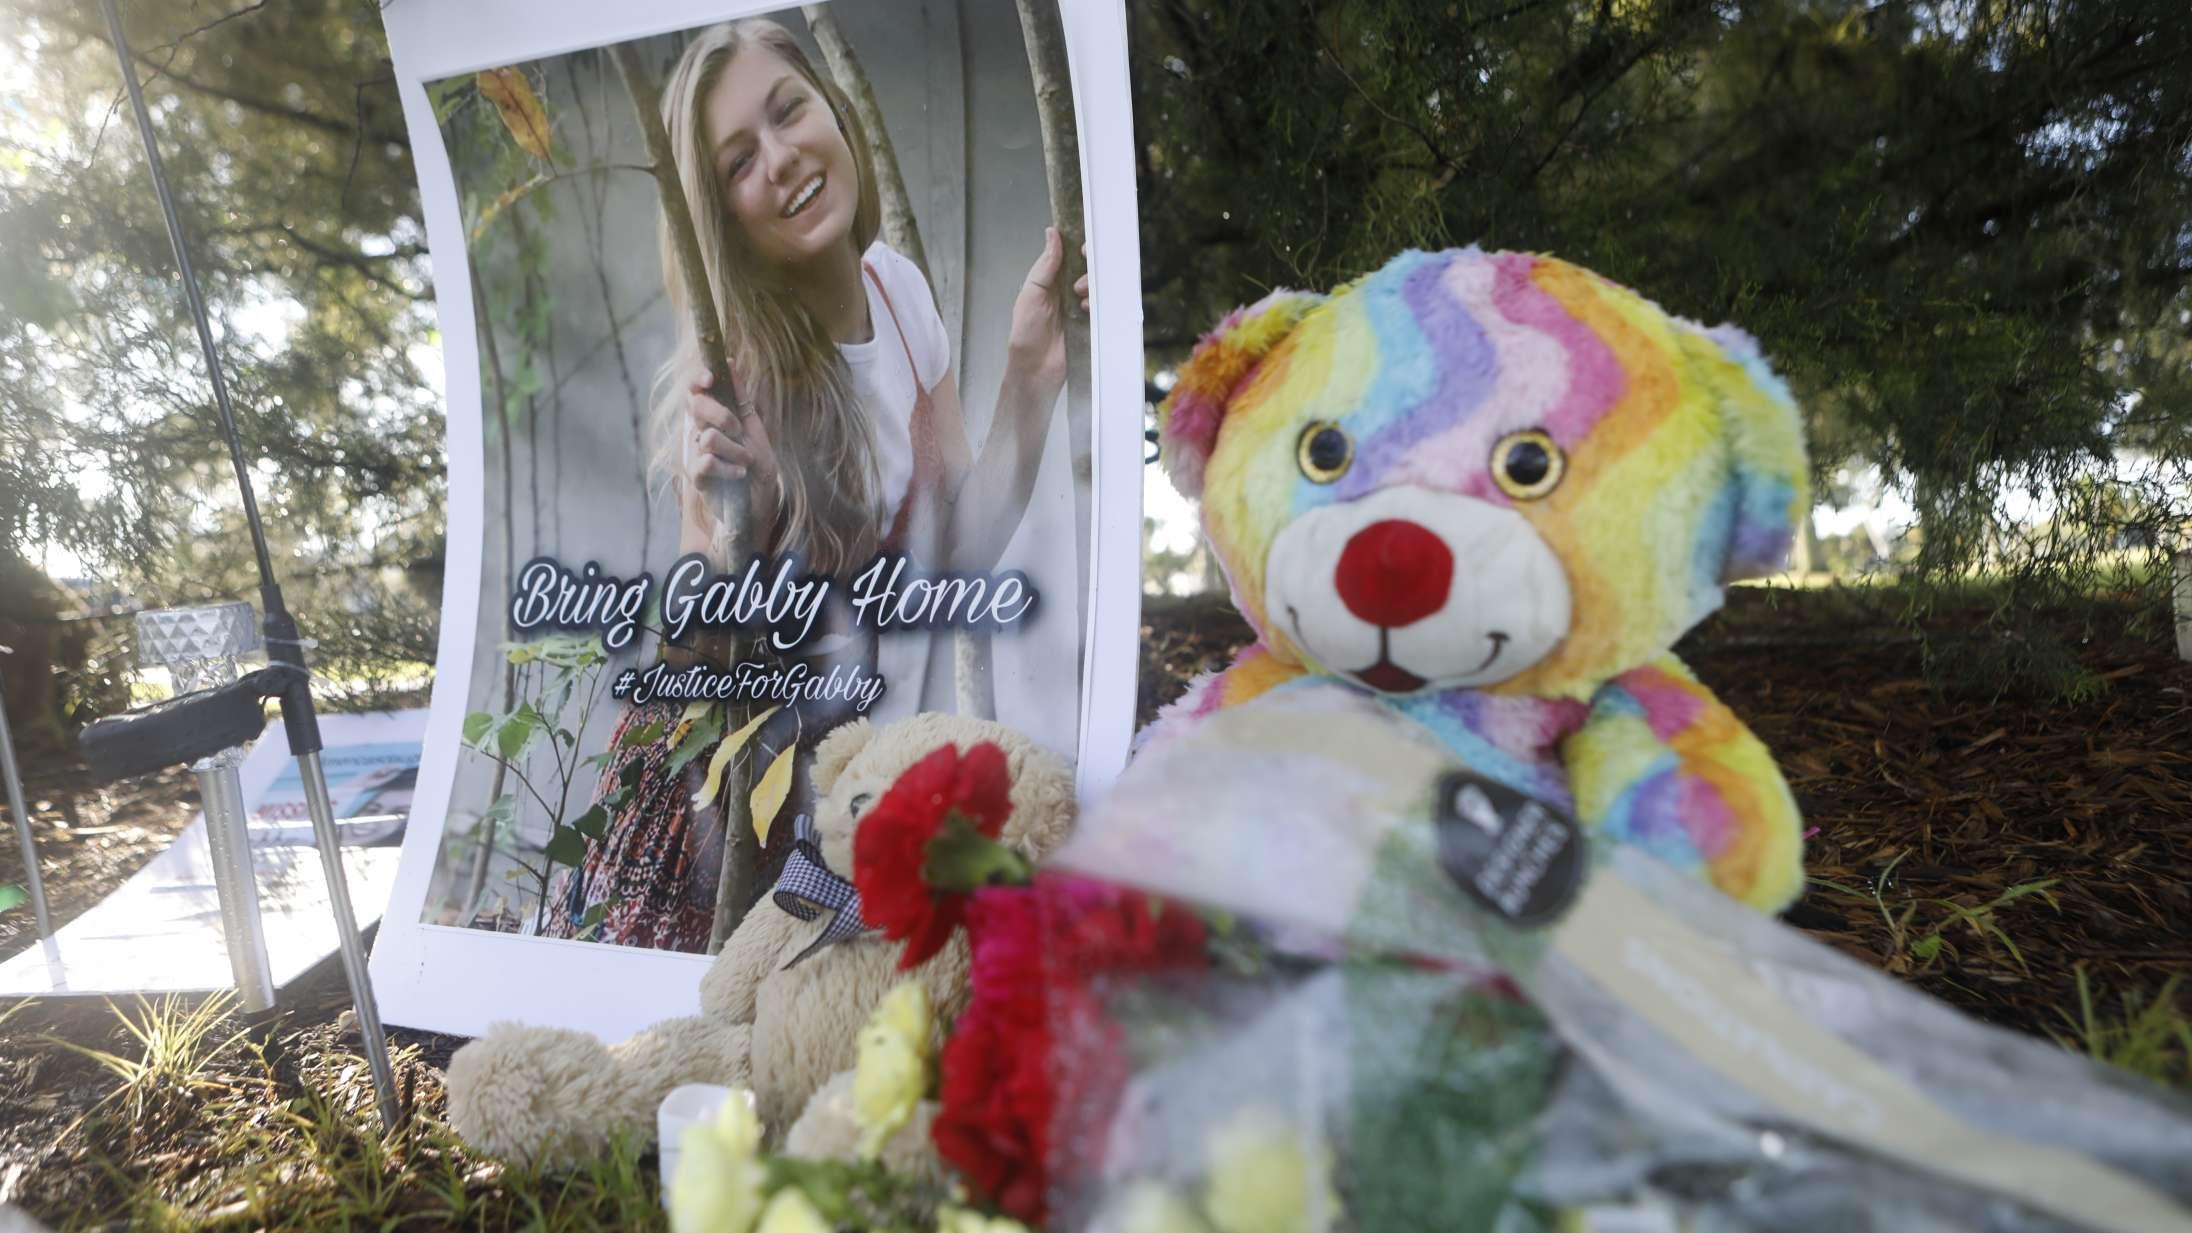 Mordet på en influencer førte til amatør-efterforskning på TikTok – men hvor går grænsen for true crime-fans online?